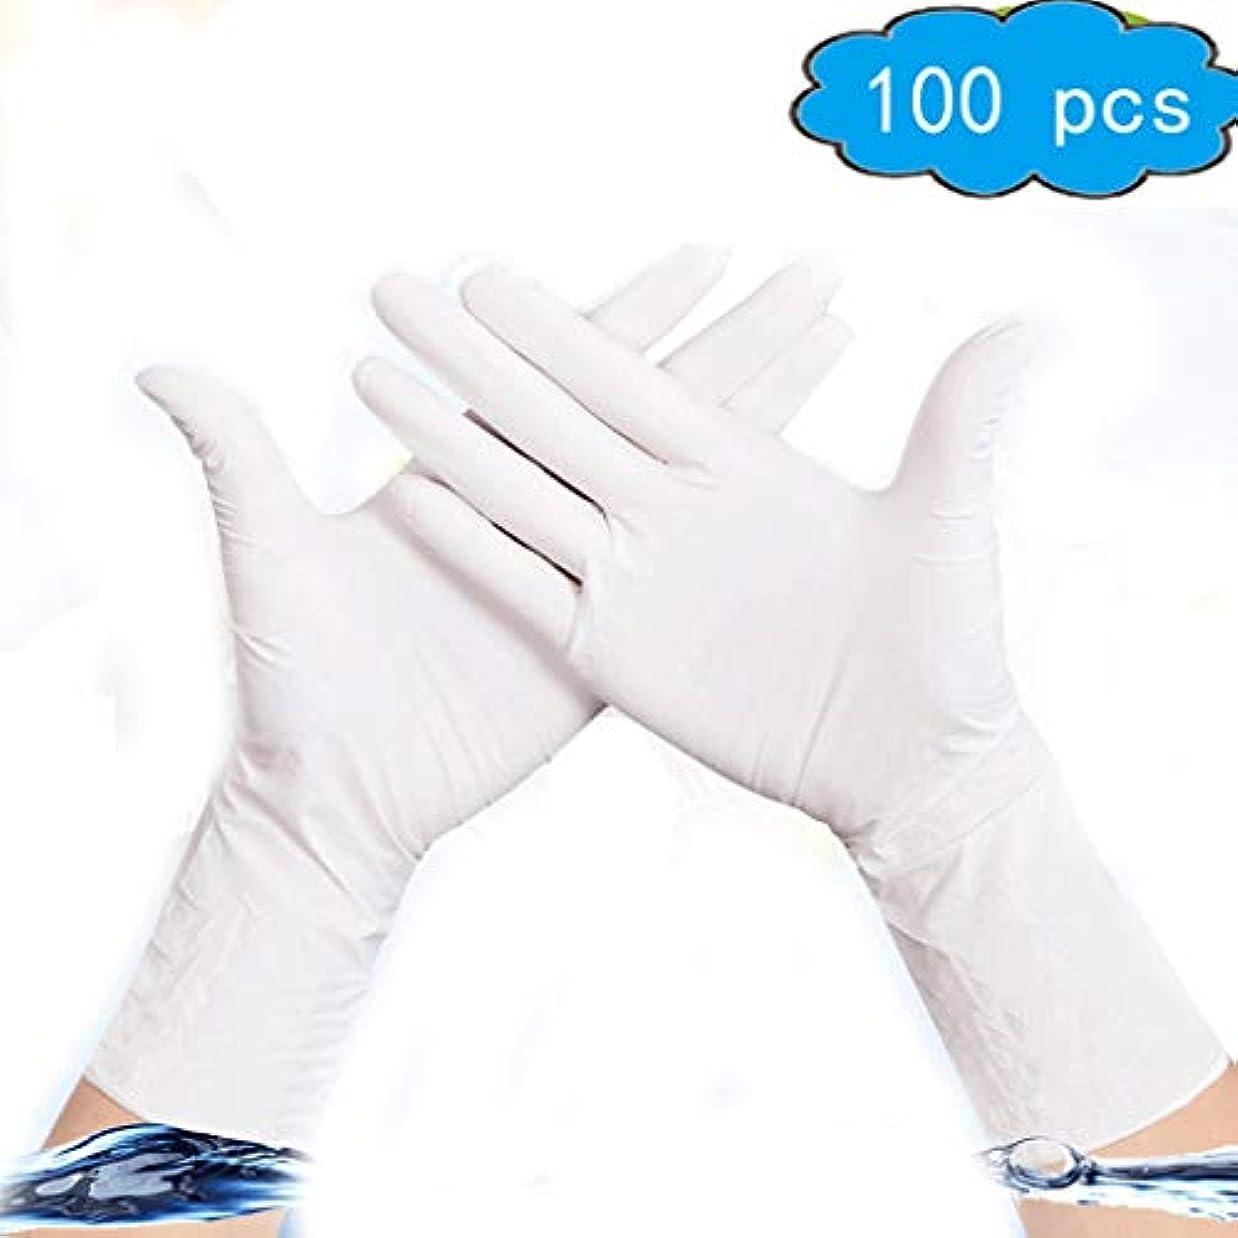 壊れた普通の永久使い捨てニトリル手袋、無粉末、滑らかな肌触り、食品グレード、非滅菌[100パック]、サニタリー手袋、家庭用品、ツール&ホームインプルーブメント (Color : White, Size : XS)